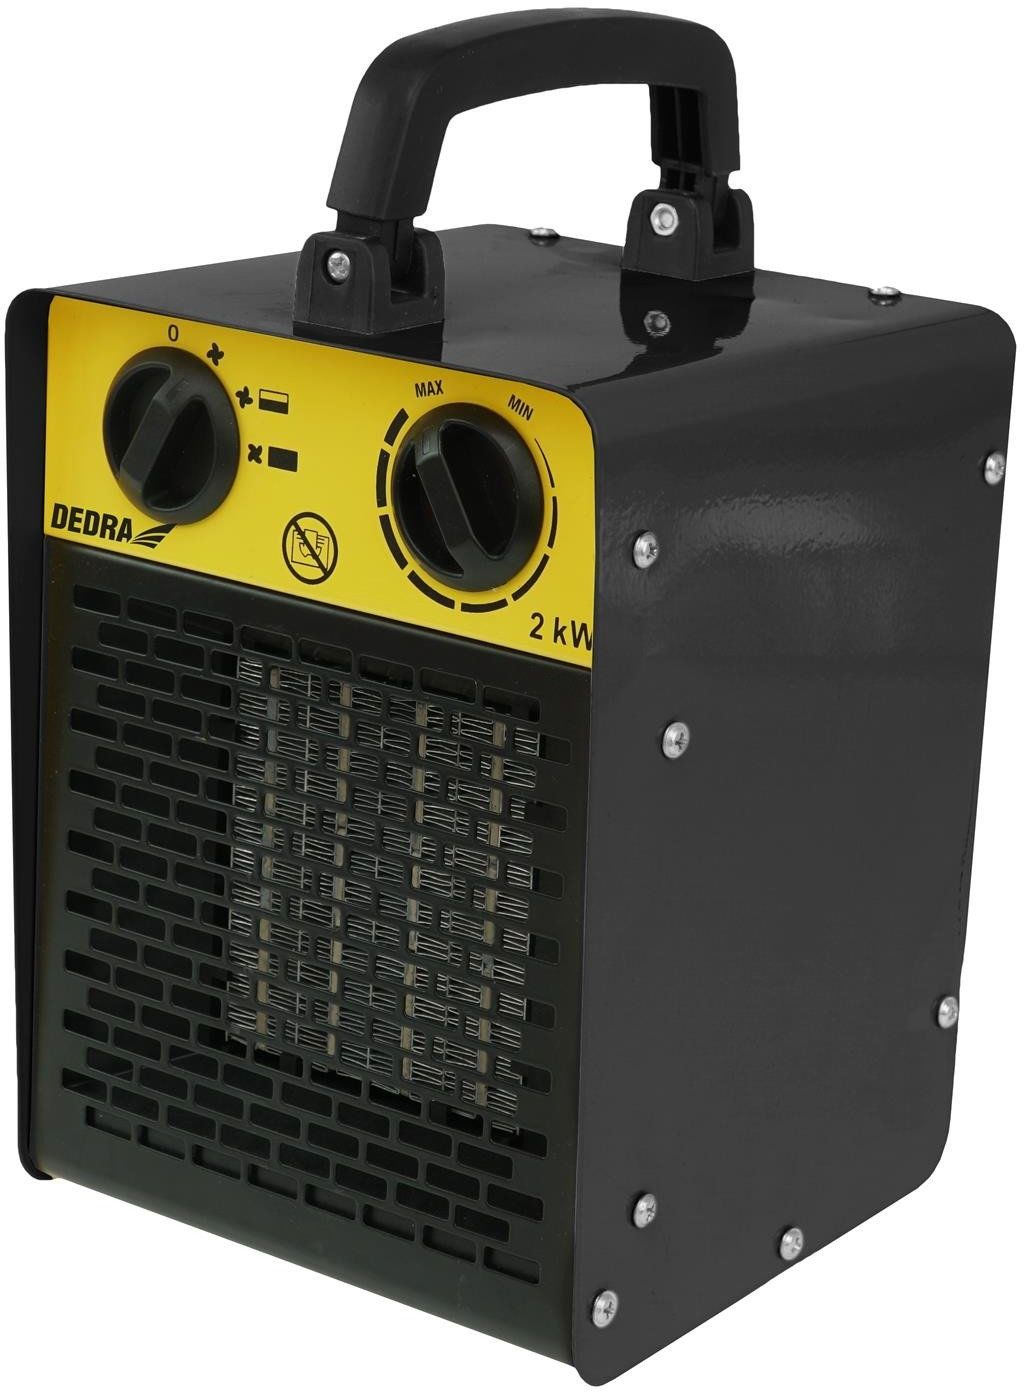 DEDRA Nagrzewnica elektryczna PTC 3,0kW, kwadratowa, czarna ceramiczny element grzejny DED9931C1